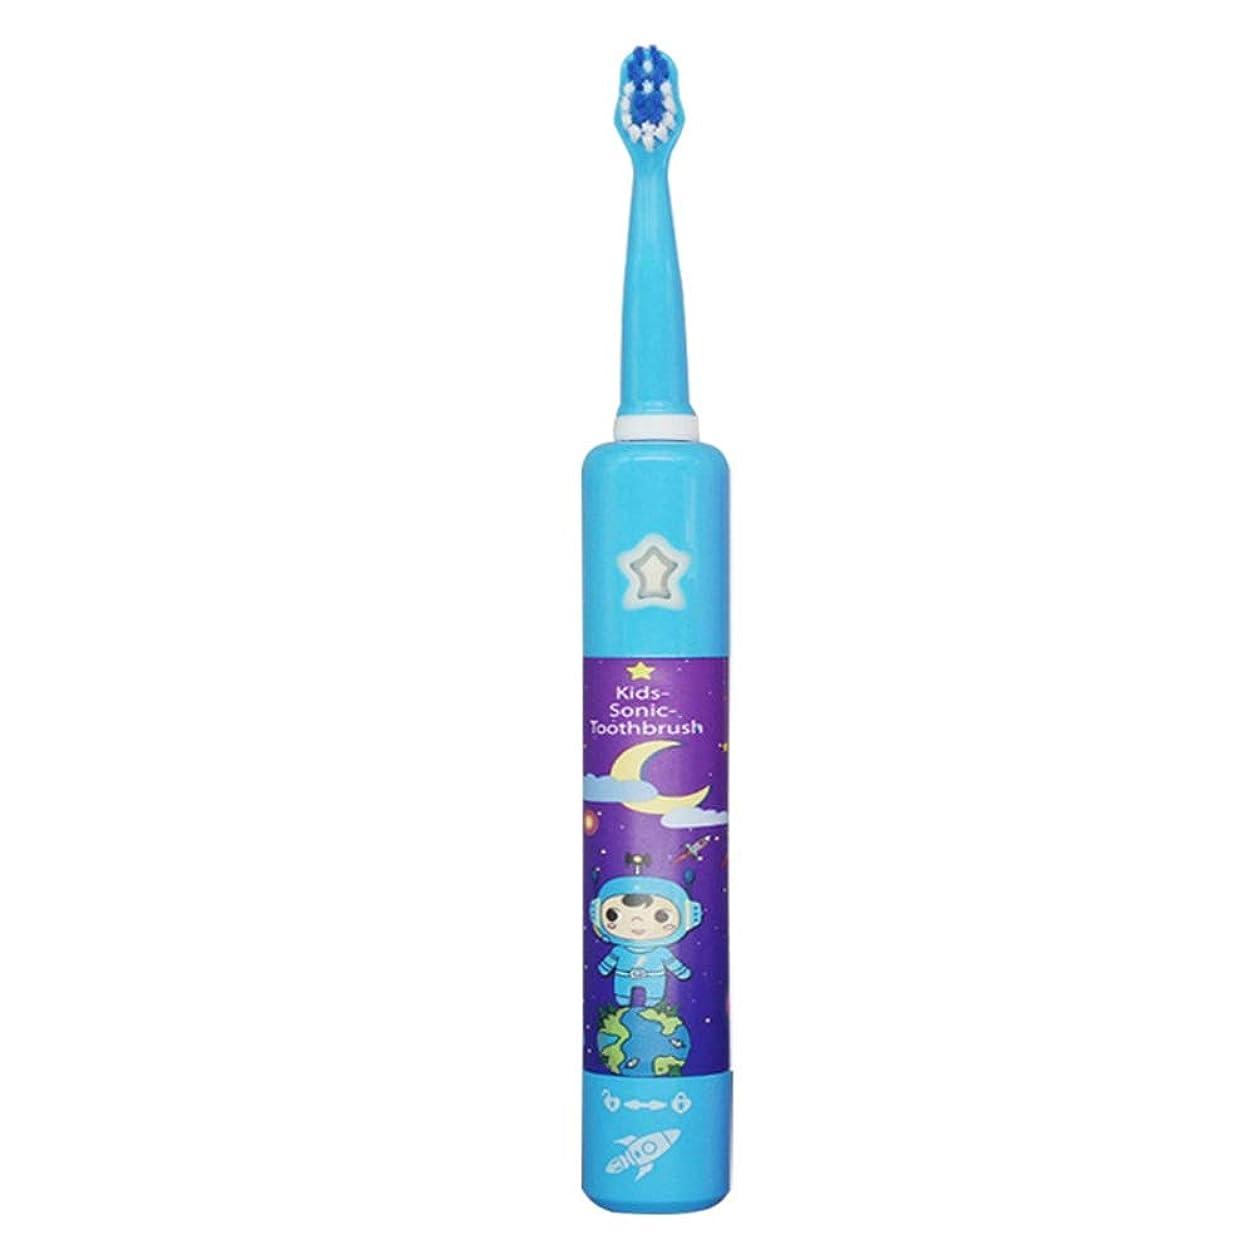 略す改革櫛子供の電気USB充電式歯ブラシかわいい柔らかい髪音楽歯ブラシホルダーと1つの交換用ヘッド (色 : 青, サイズ : Free size)